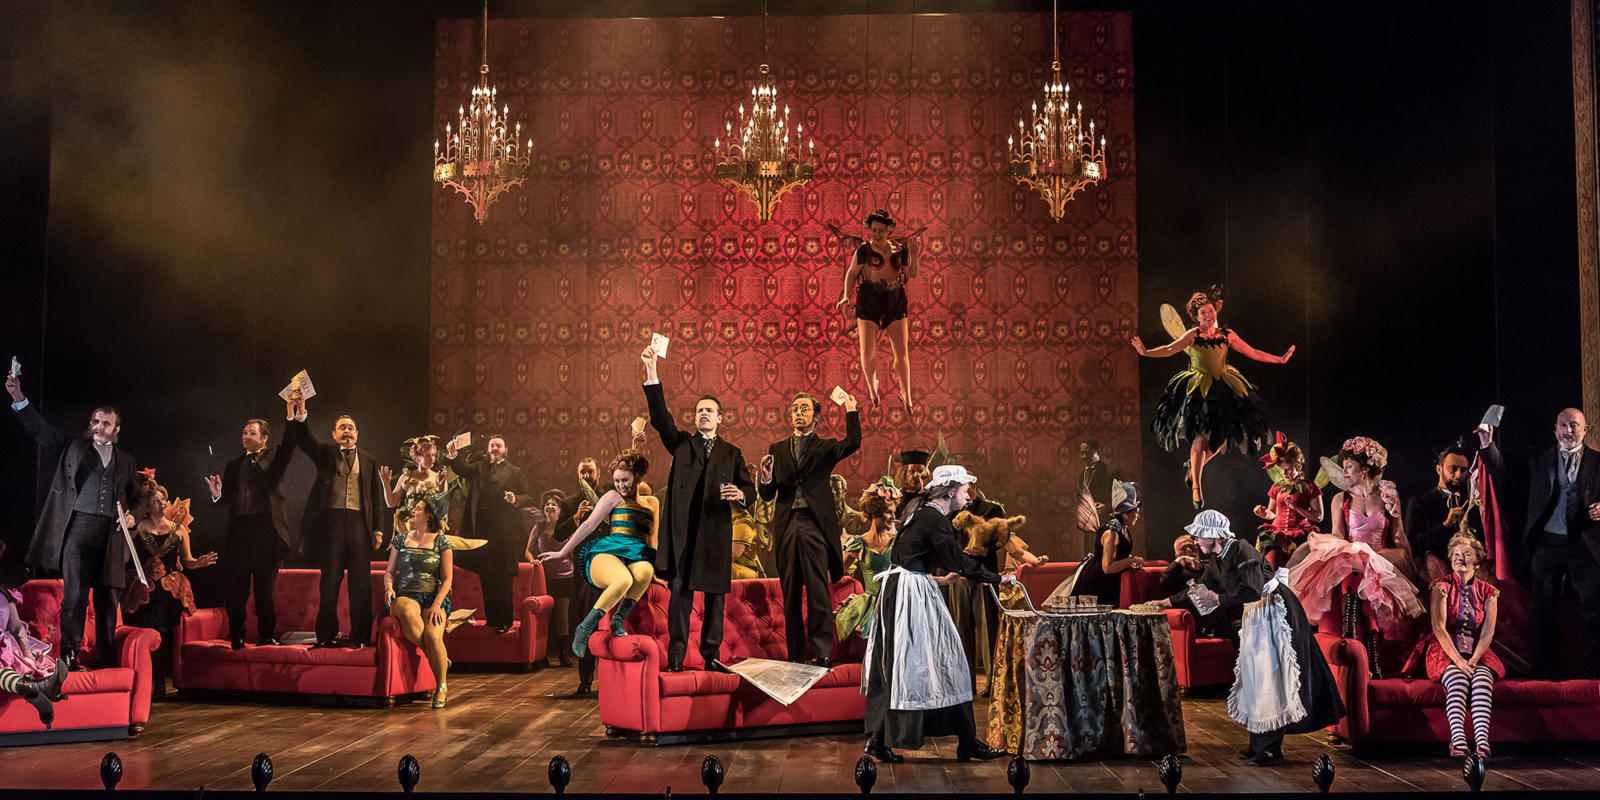 ENO Iolanthe ENO Chorus and Cast (c) Clive Barda